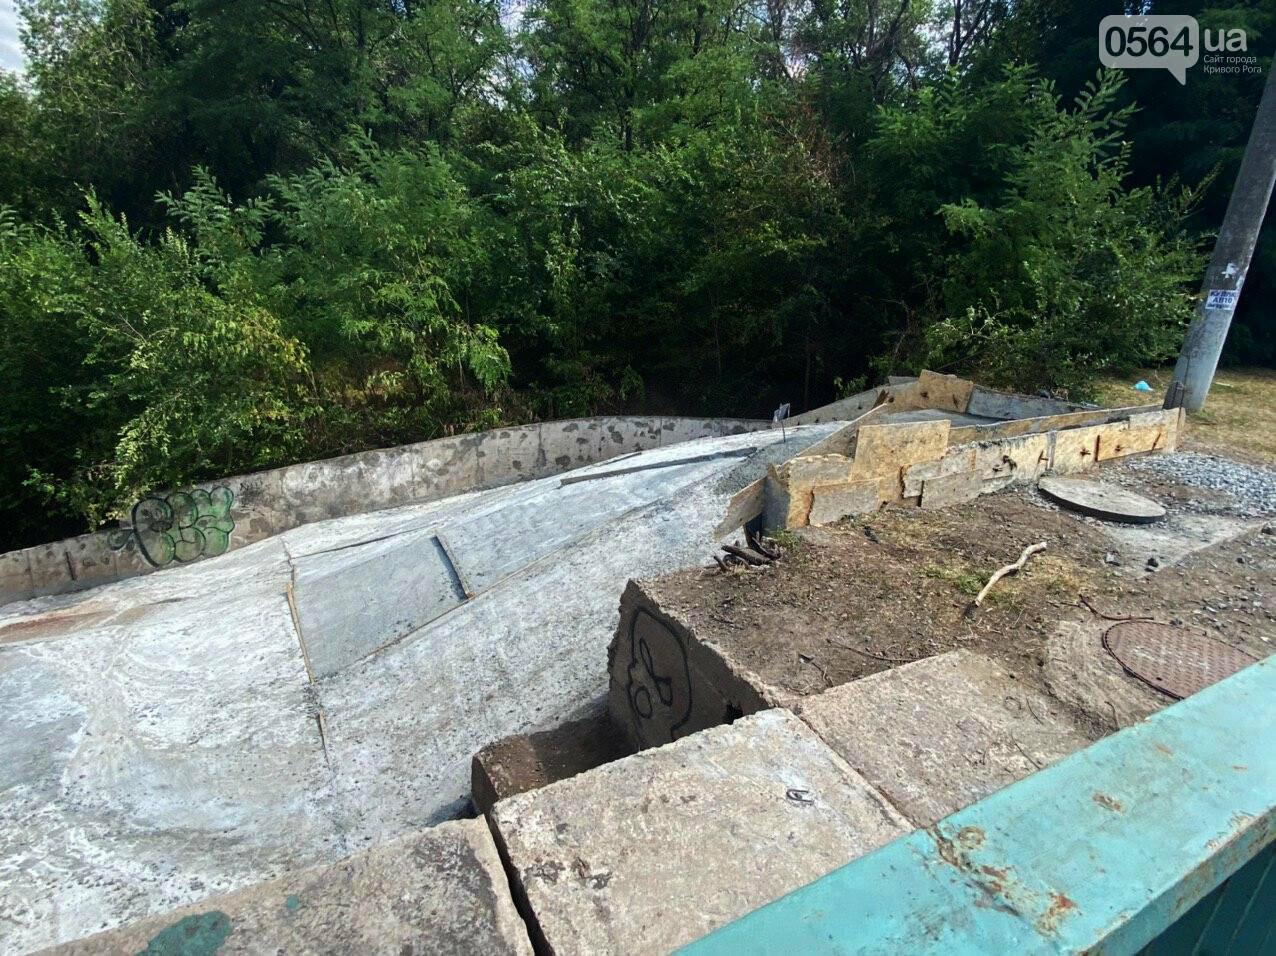 В Кривом Роге опять ремонтируют мост, где 5 лет назад произошло ЧП, - ФОТО , фото-23